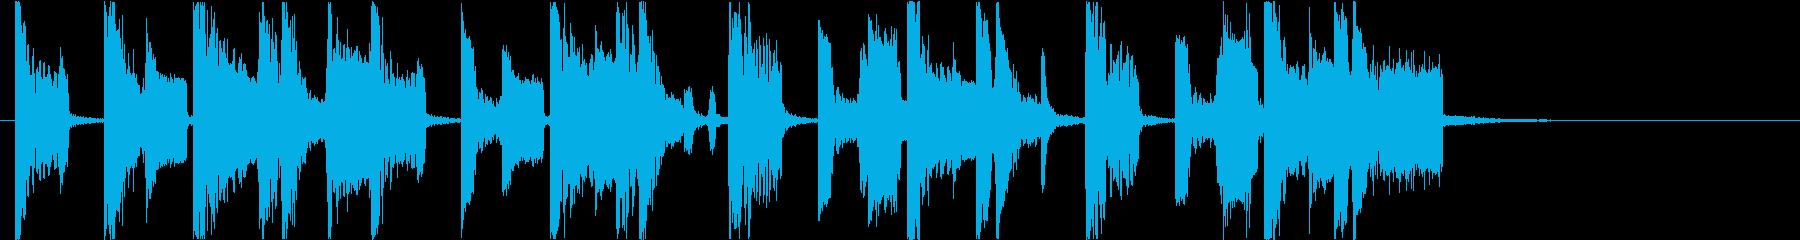 【DJ効果音】夕暮れの大都市の再生済みの波形